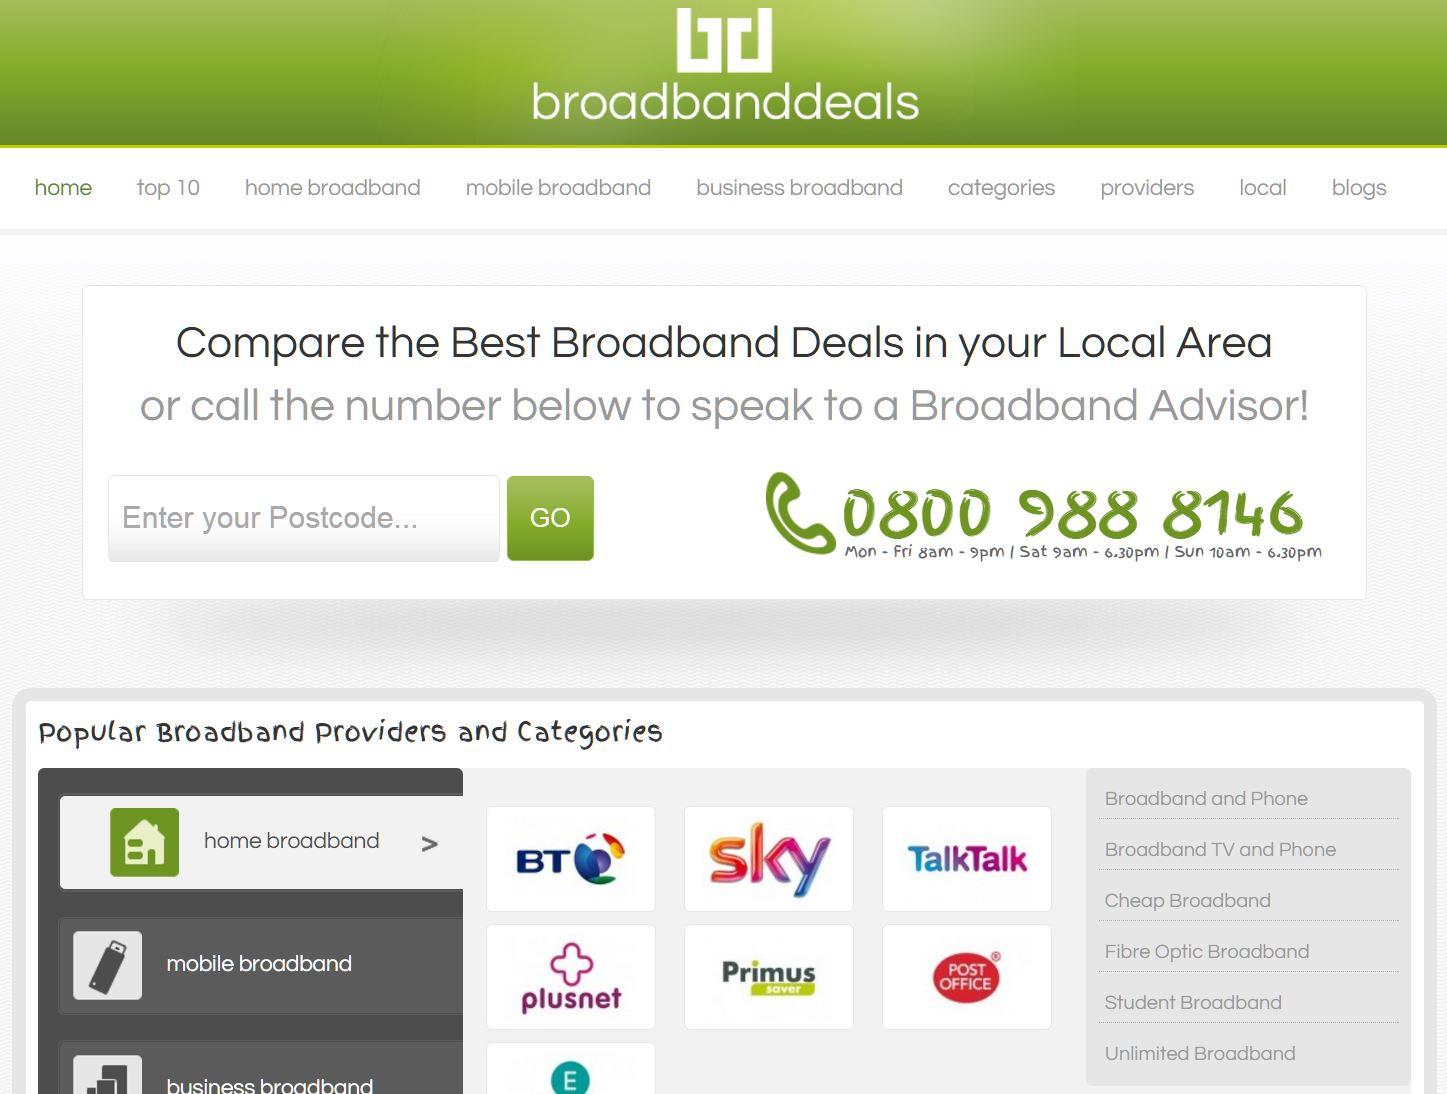 broadbanddeals